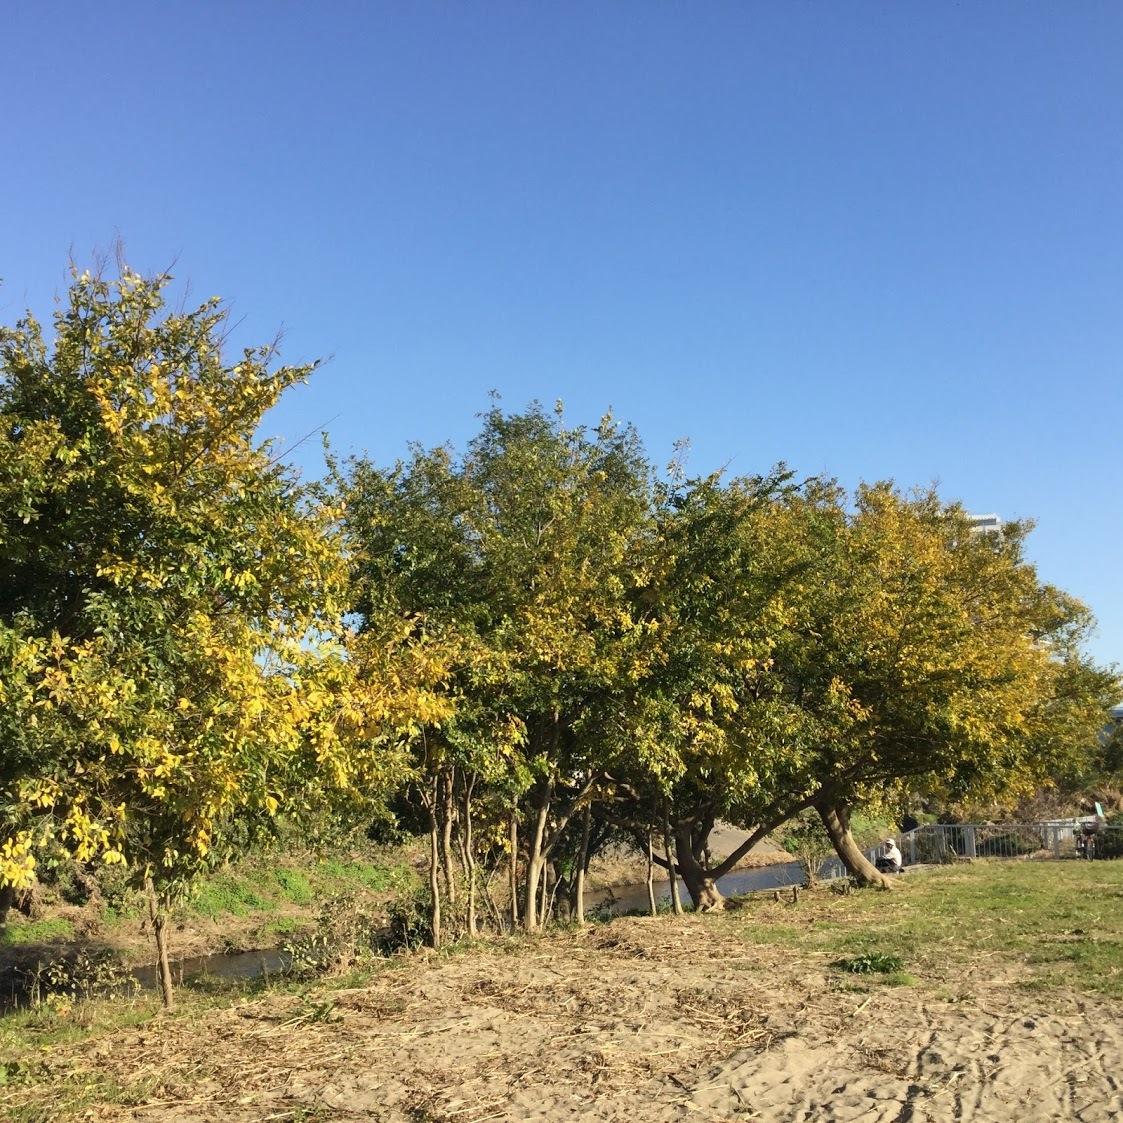 11月17日の原っぱアトリエは野川ベースで実施します。_c0091679_15193890.jpg